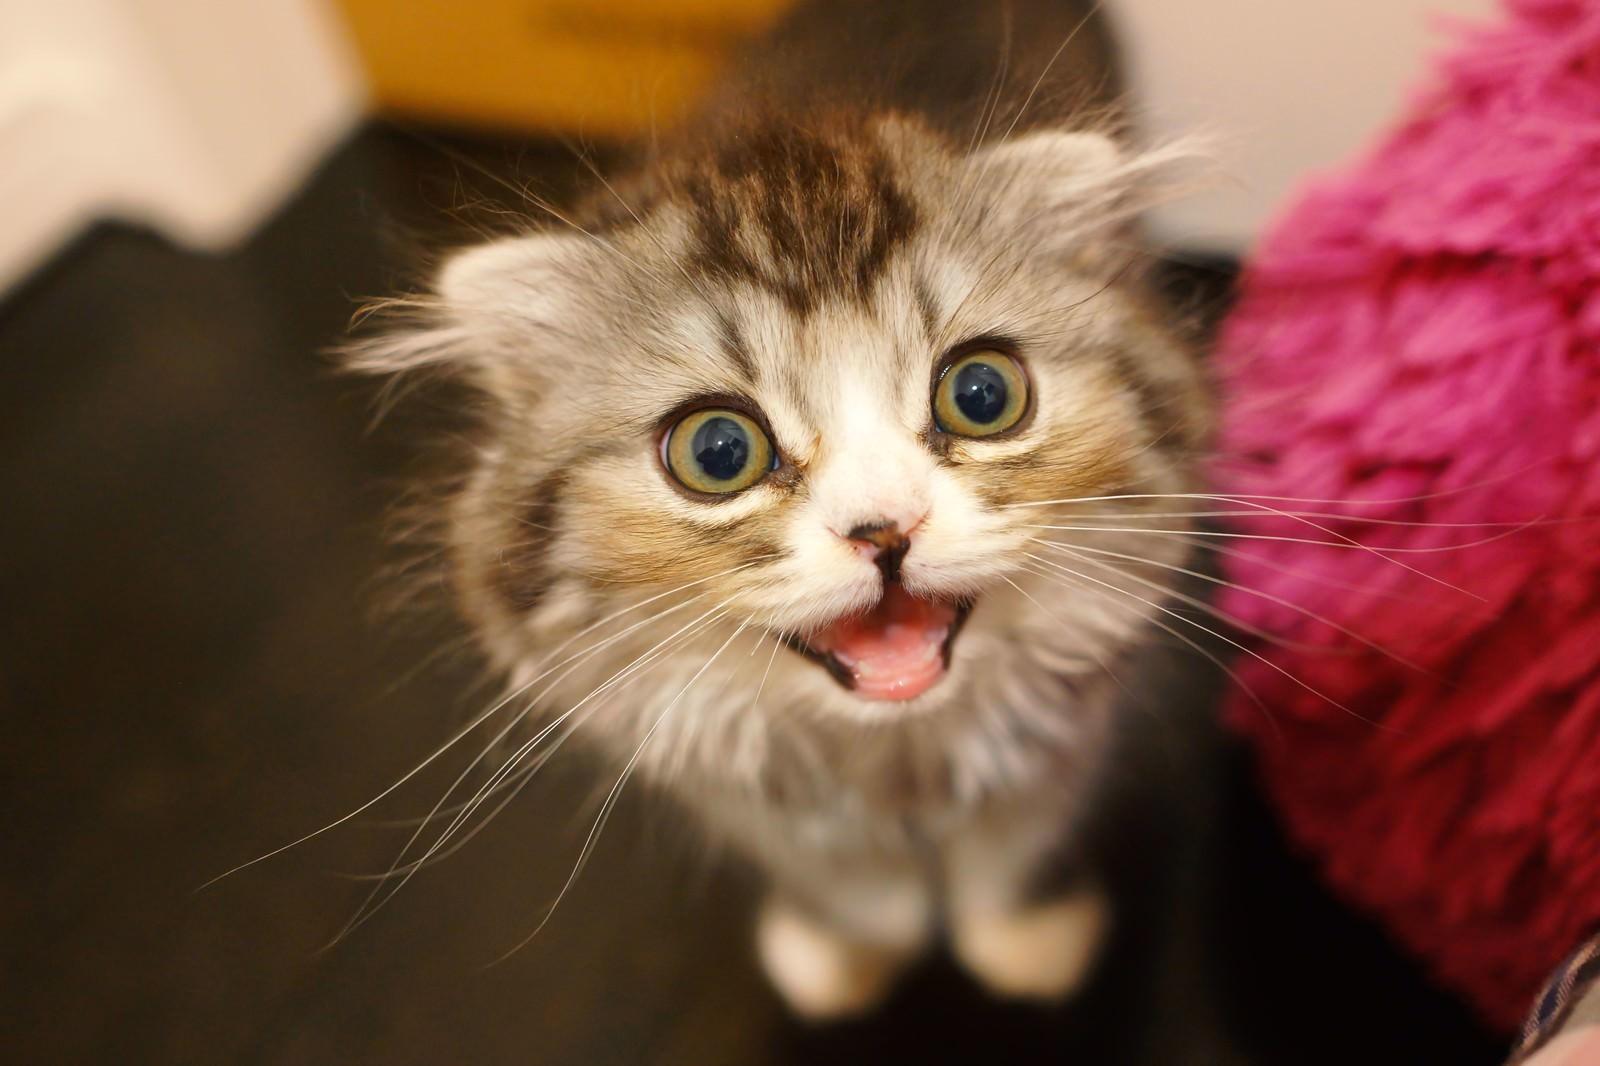 「ミャーと鳴いてるオス猫(スコティッシュフォールド)ミャーと鳴いてるオス猫(スコティッシュフォールド)」のフリー写真素材を拡大